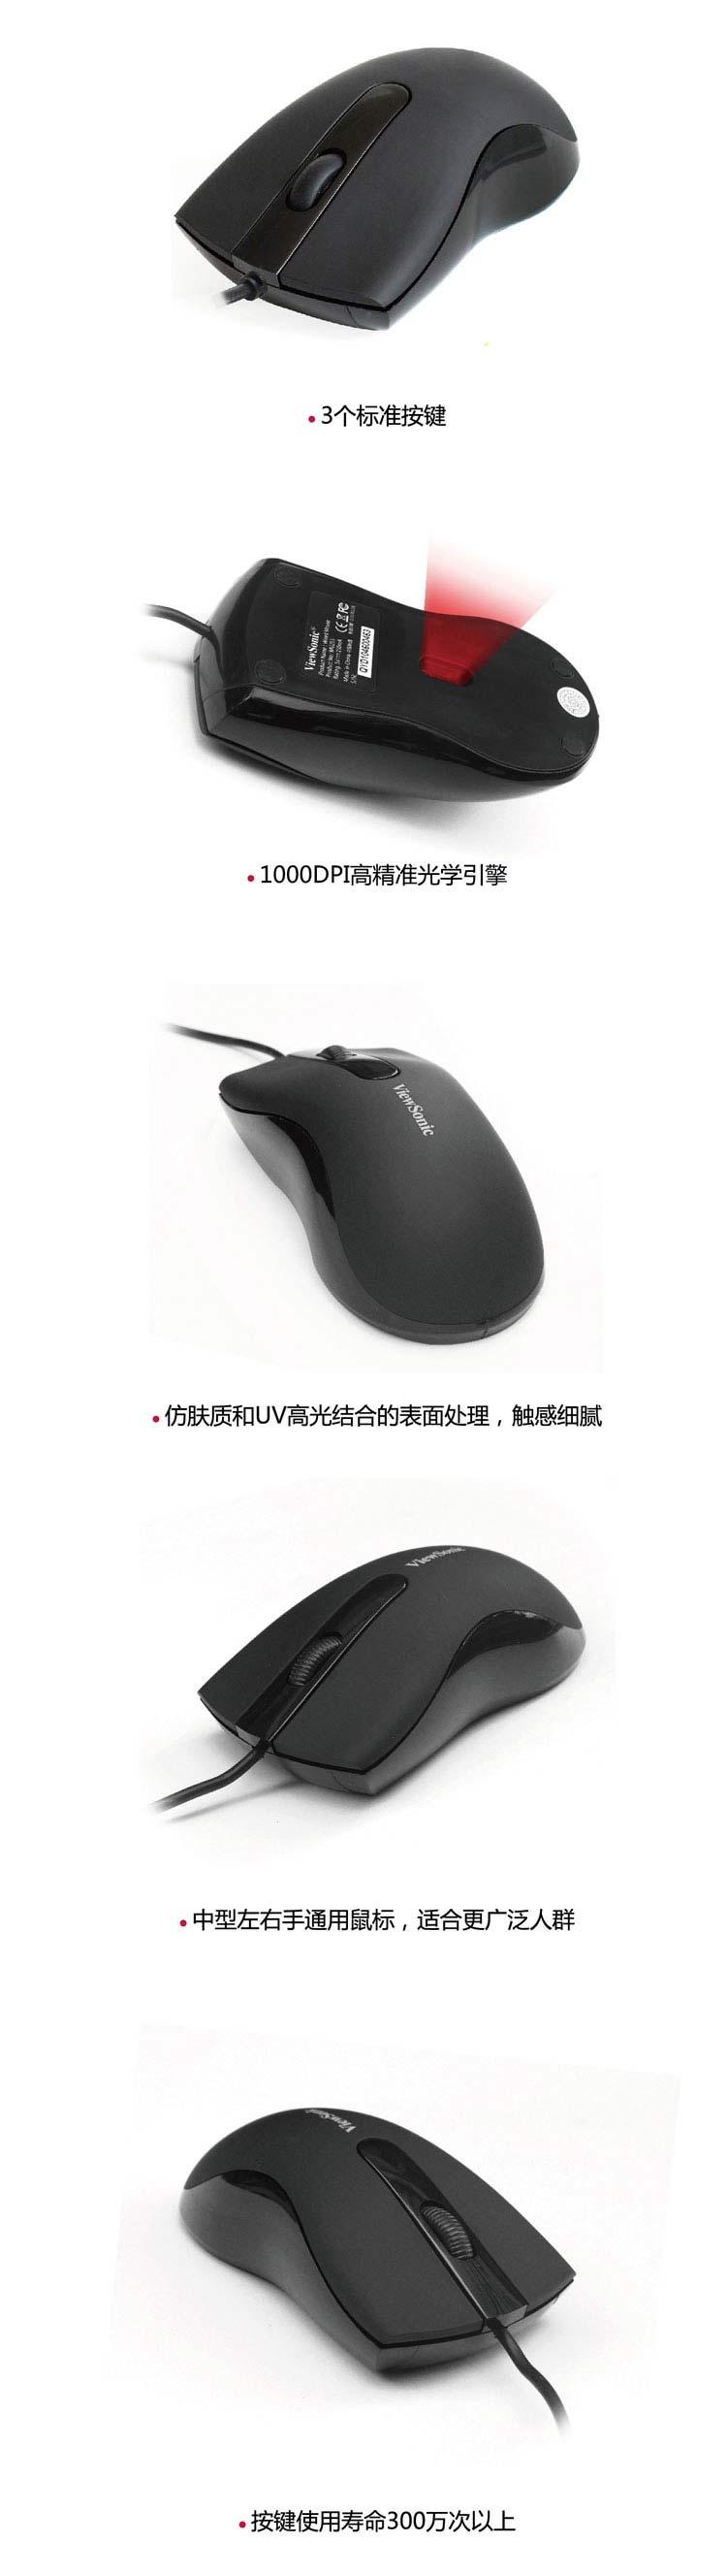 优派鼠标,,光学鼠标,MU255鼠标,优派MU255光学鼠标